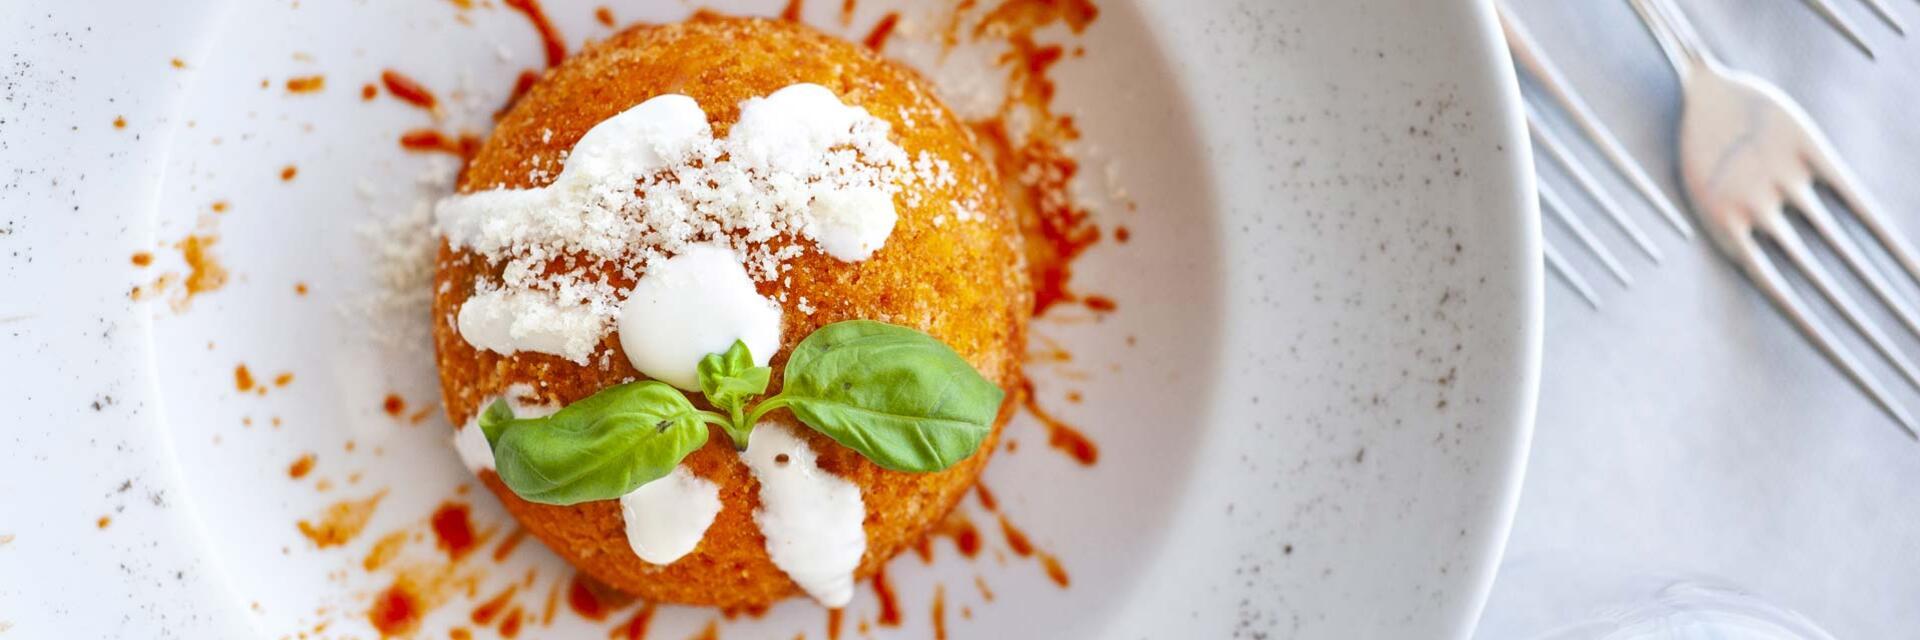 hotelcasarosaterme it ristorante 002